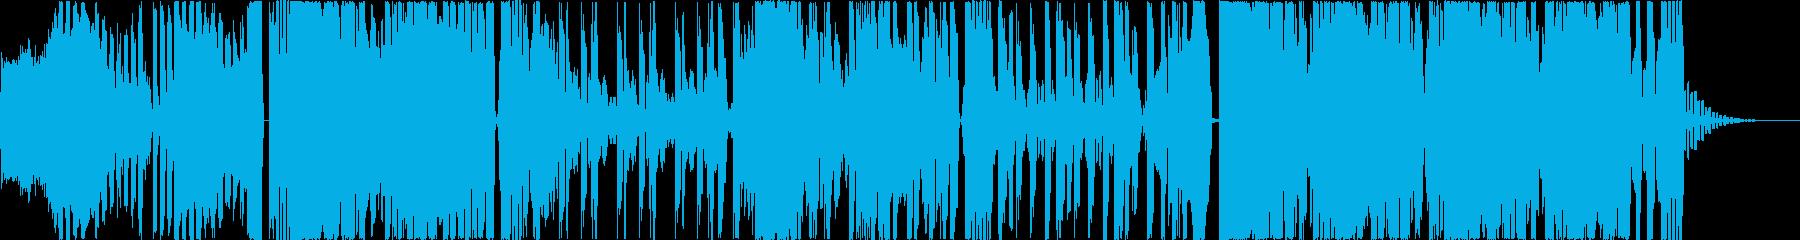 ブチアゲ/HipHop/シンセの再生済みの波形